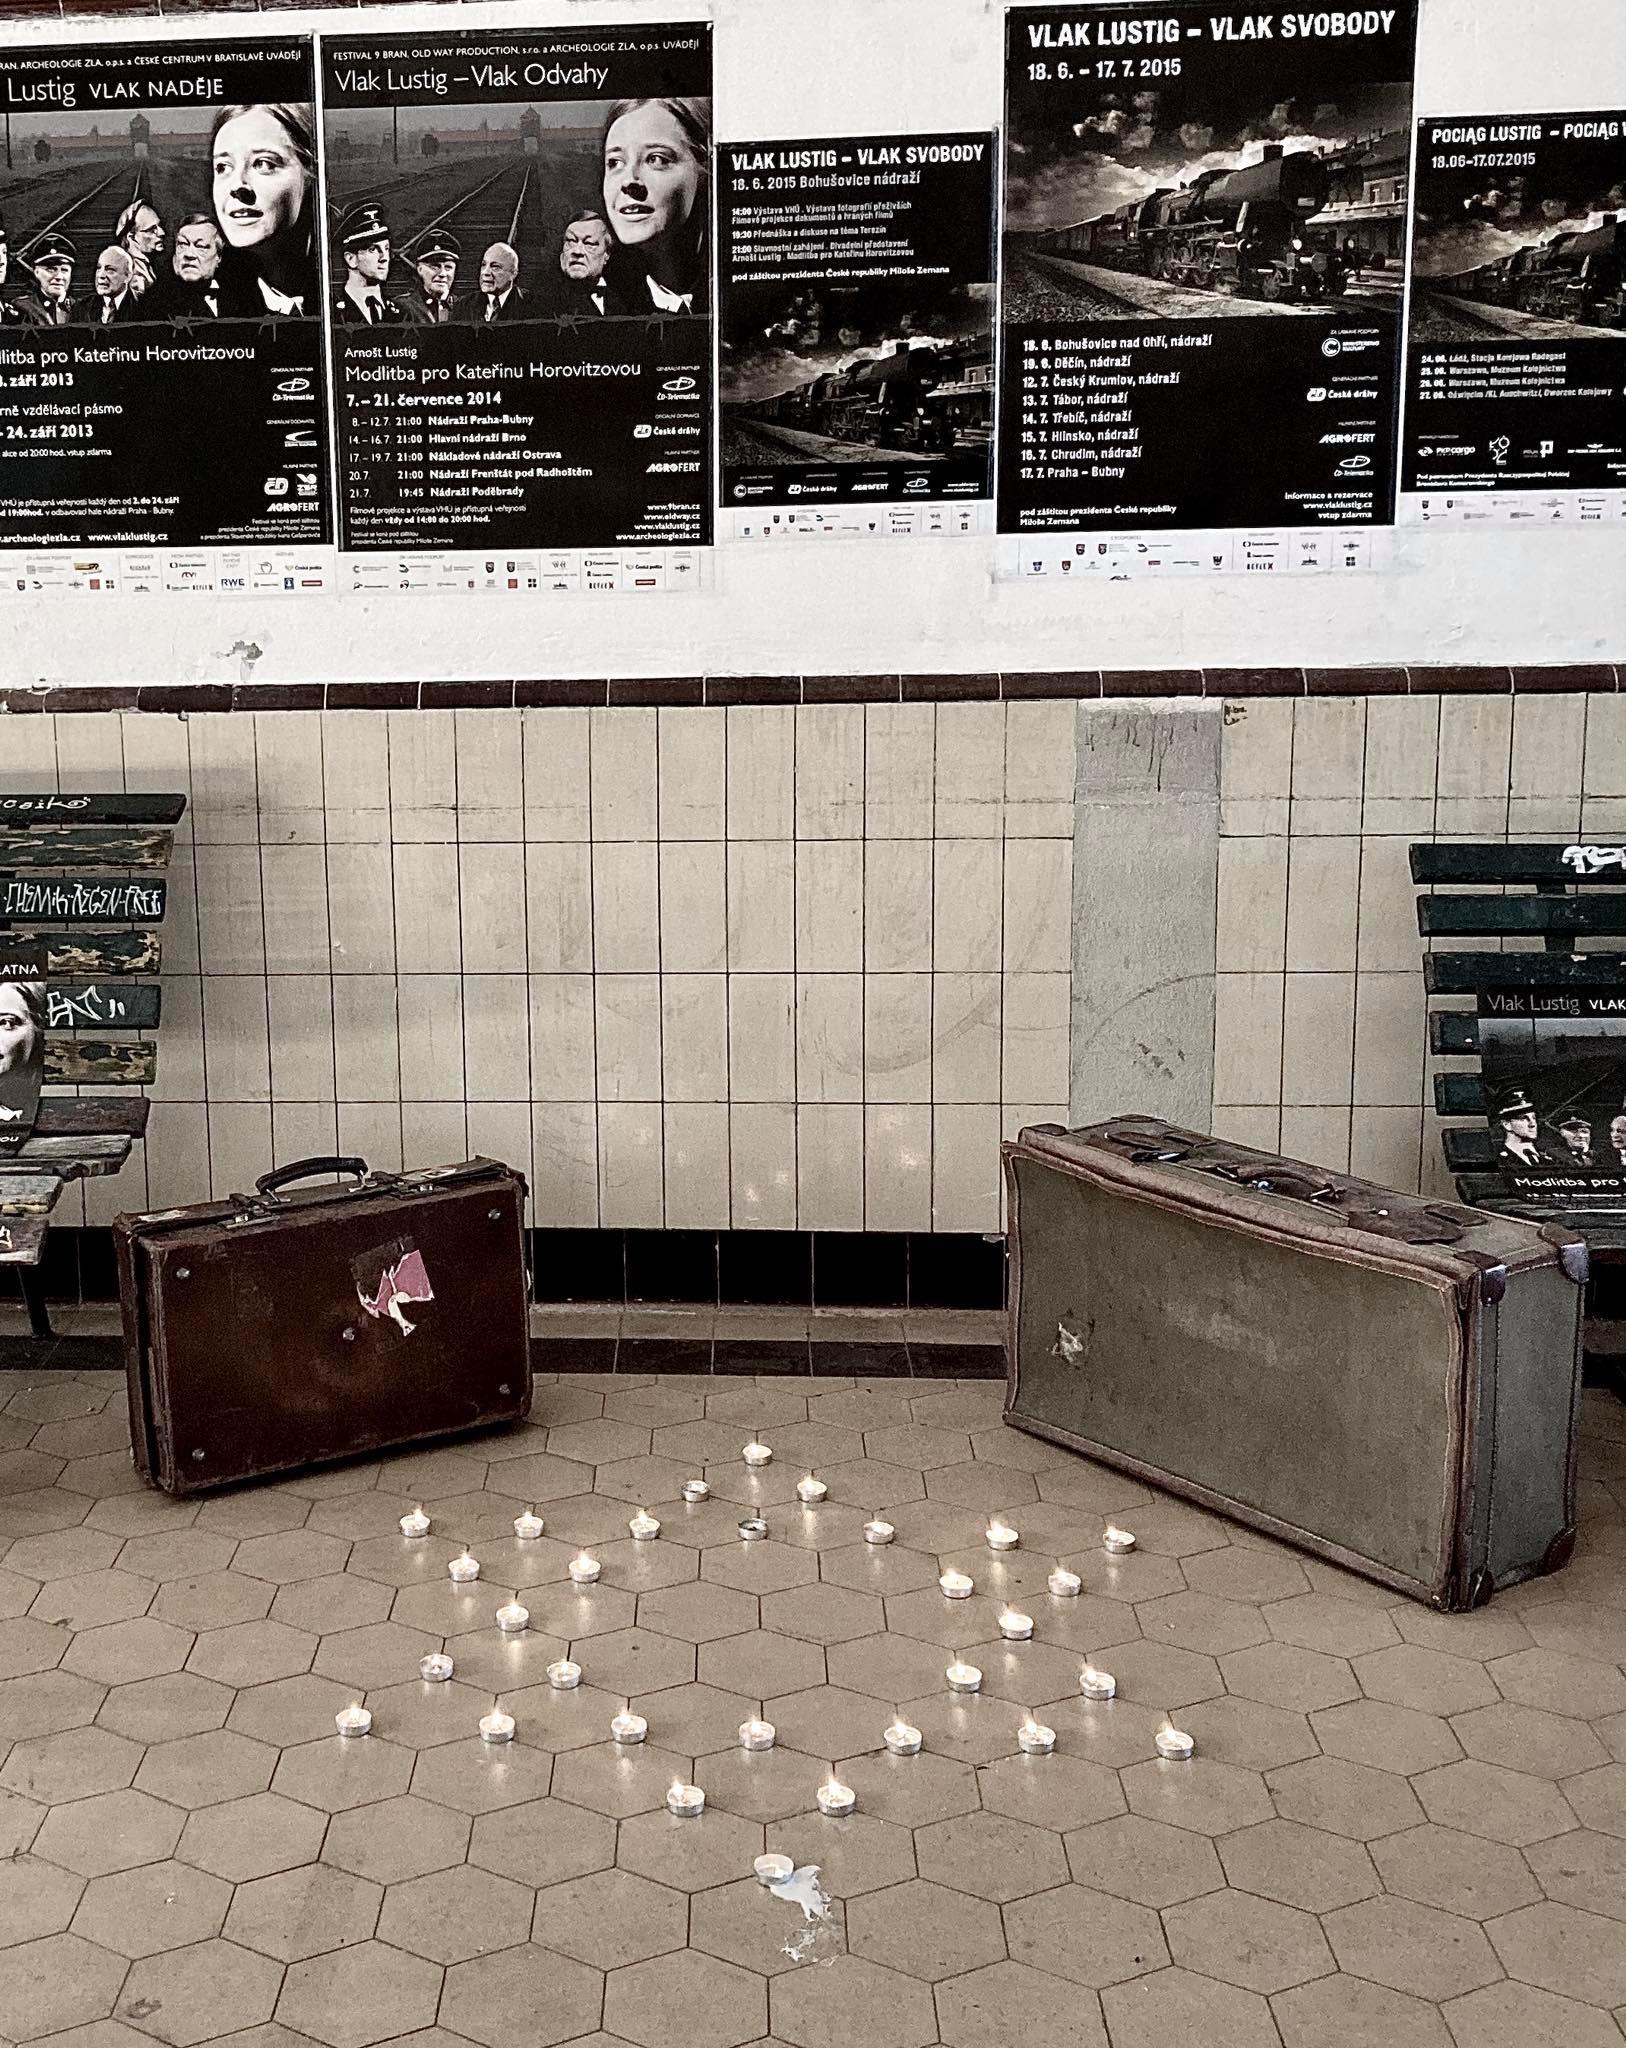 Výročí-8-let-od-zahájení-projektu-Vlaku-Lustig-na-nádraží-Praha-Bubny-14.07.2020-5